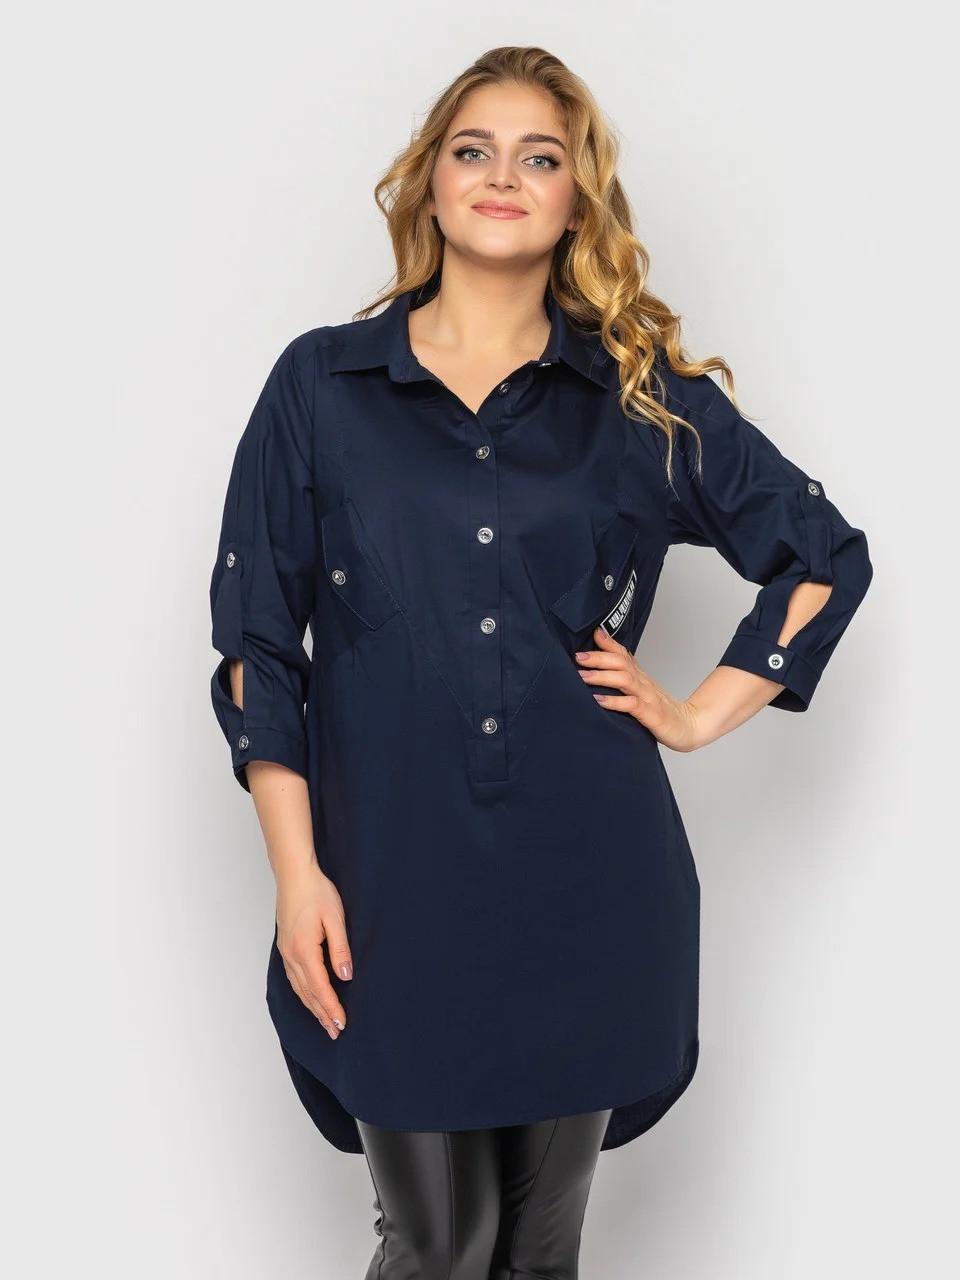 Рубашка женская  Стиль синяя (48-58)